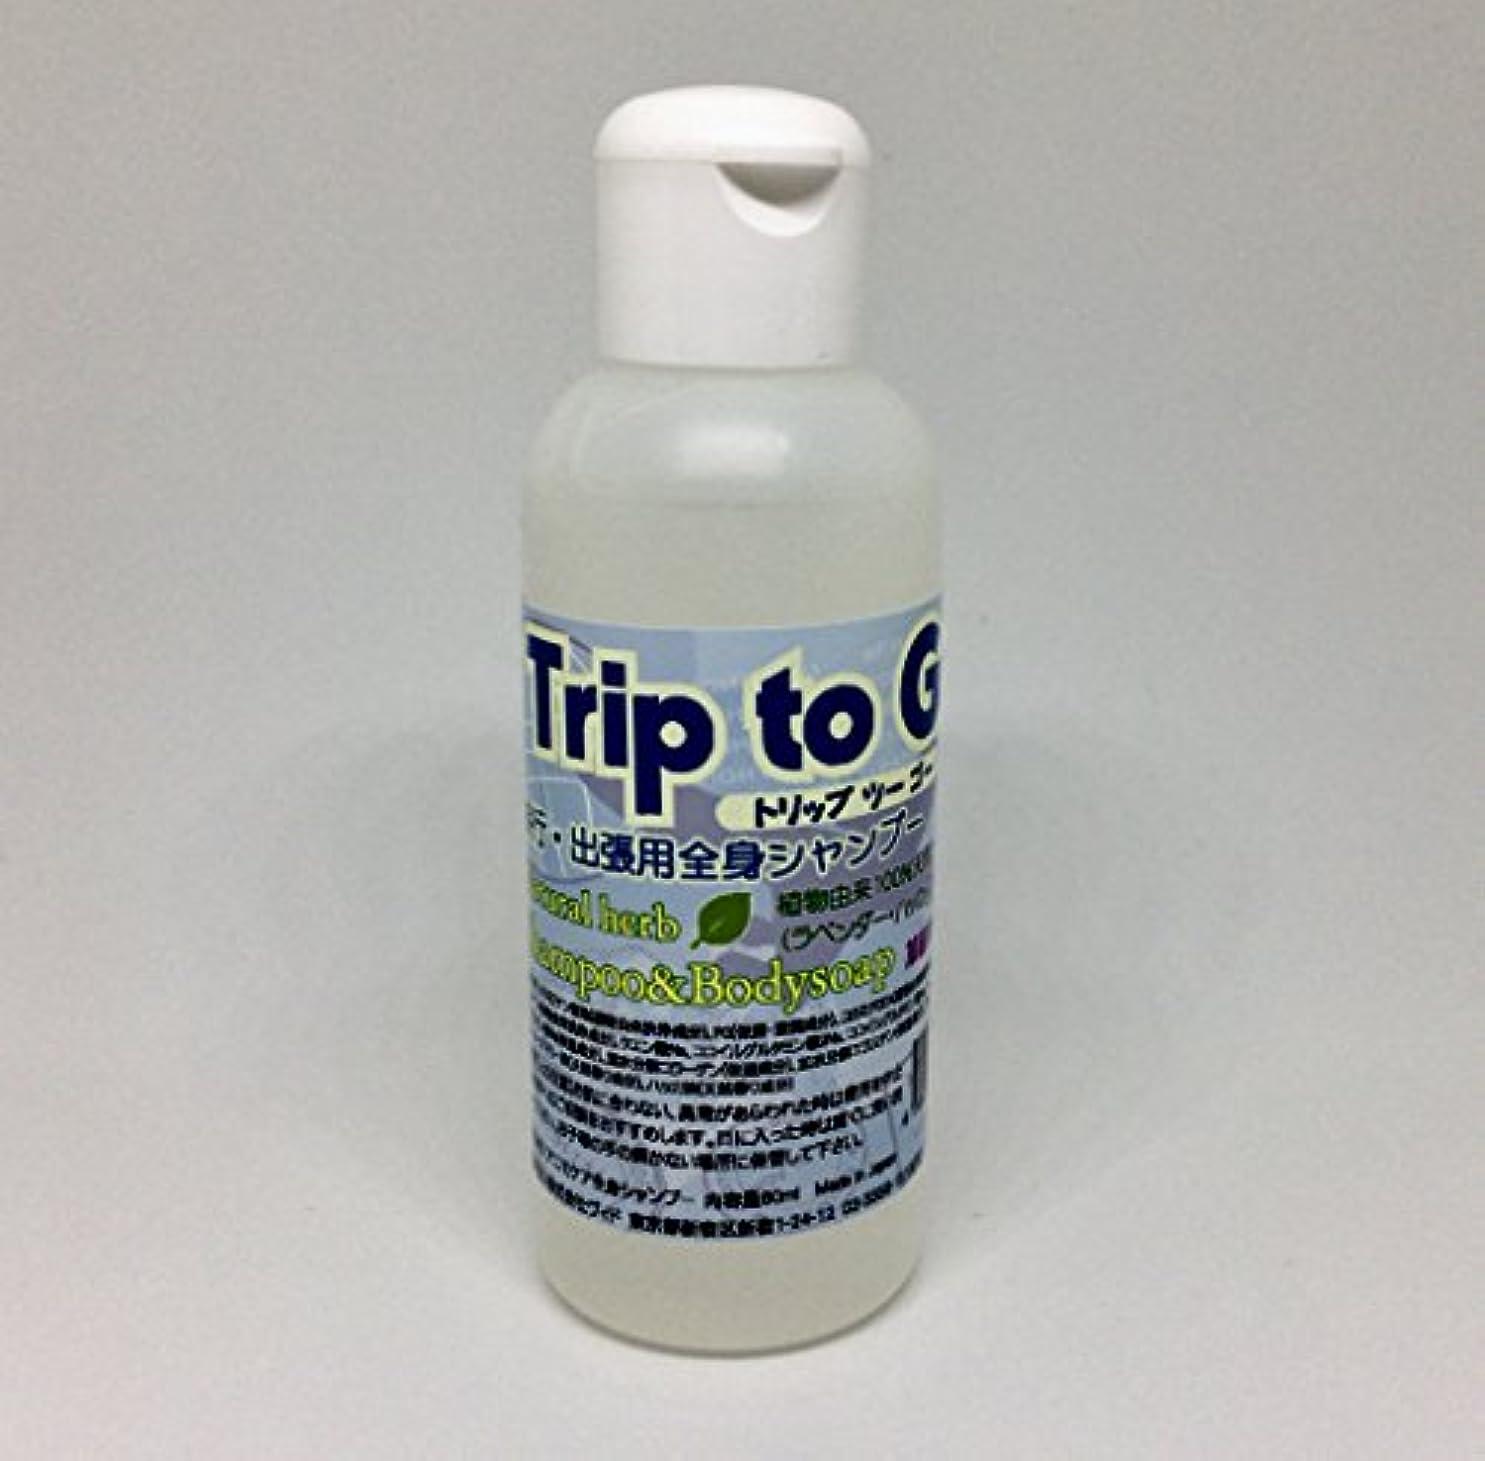 促す発明する思春期Trip to Go(トリップツーゴー) 全身シャンプー 60ml 旅行/出張にコレ1本 ただいま送料無料です。